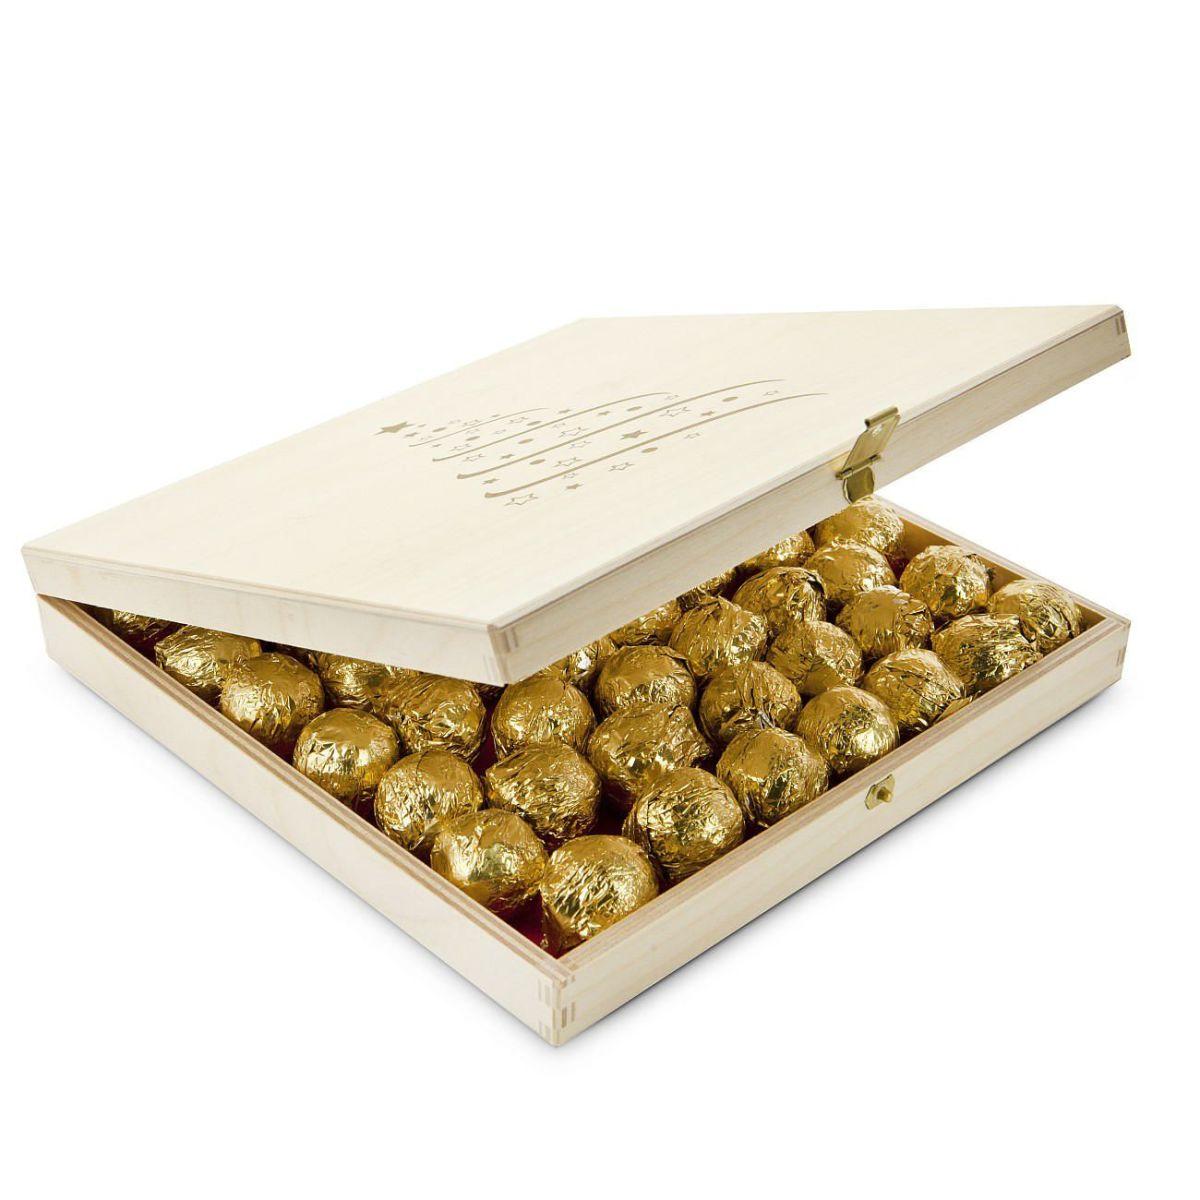 Geschenk-Set Große Trüffel-Kiste, 52 Stück Marc de Champagne Trüffel ...